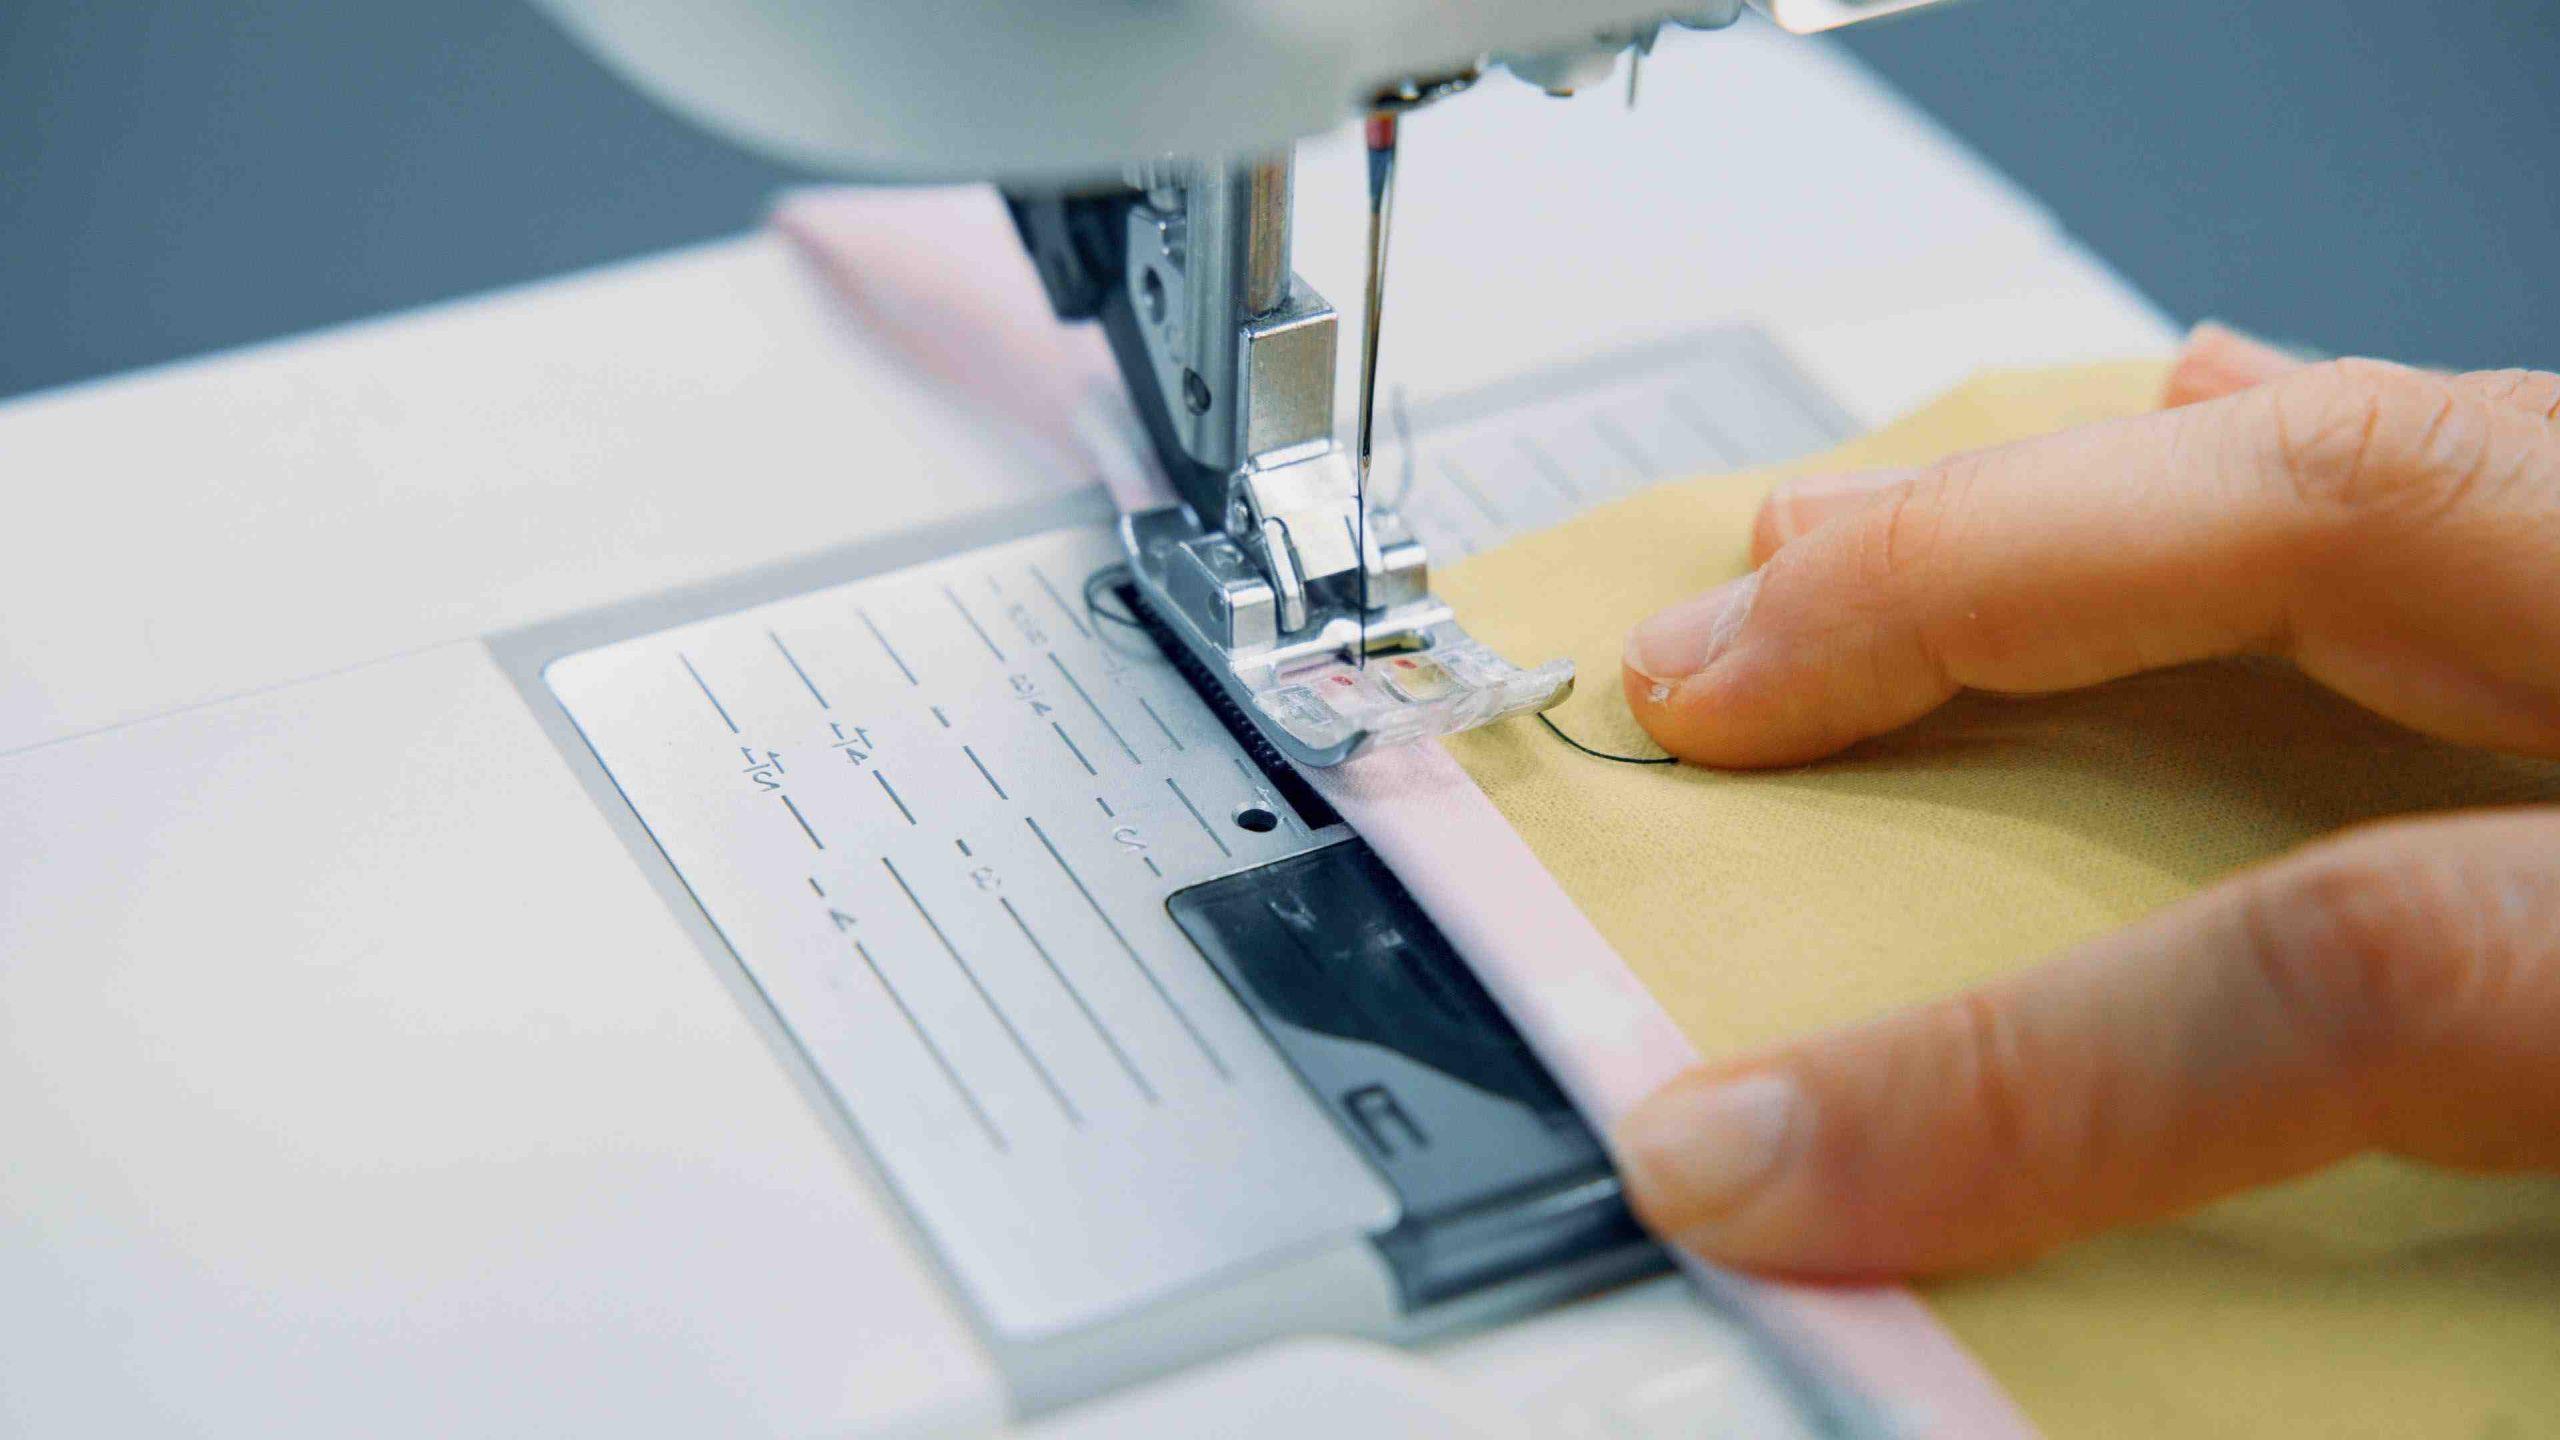 Comment empêcher un tissu de s'effilocher?